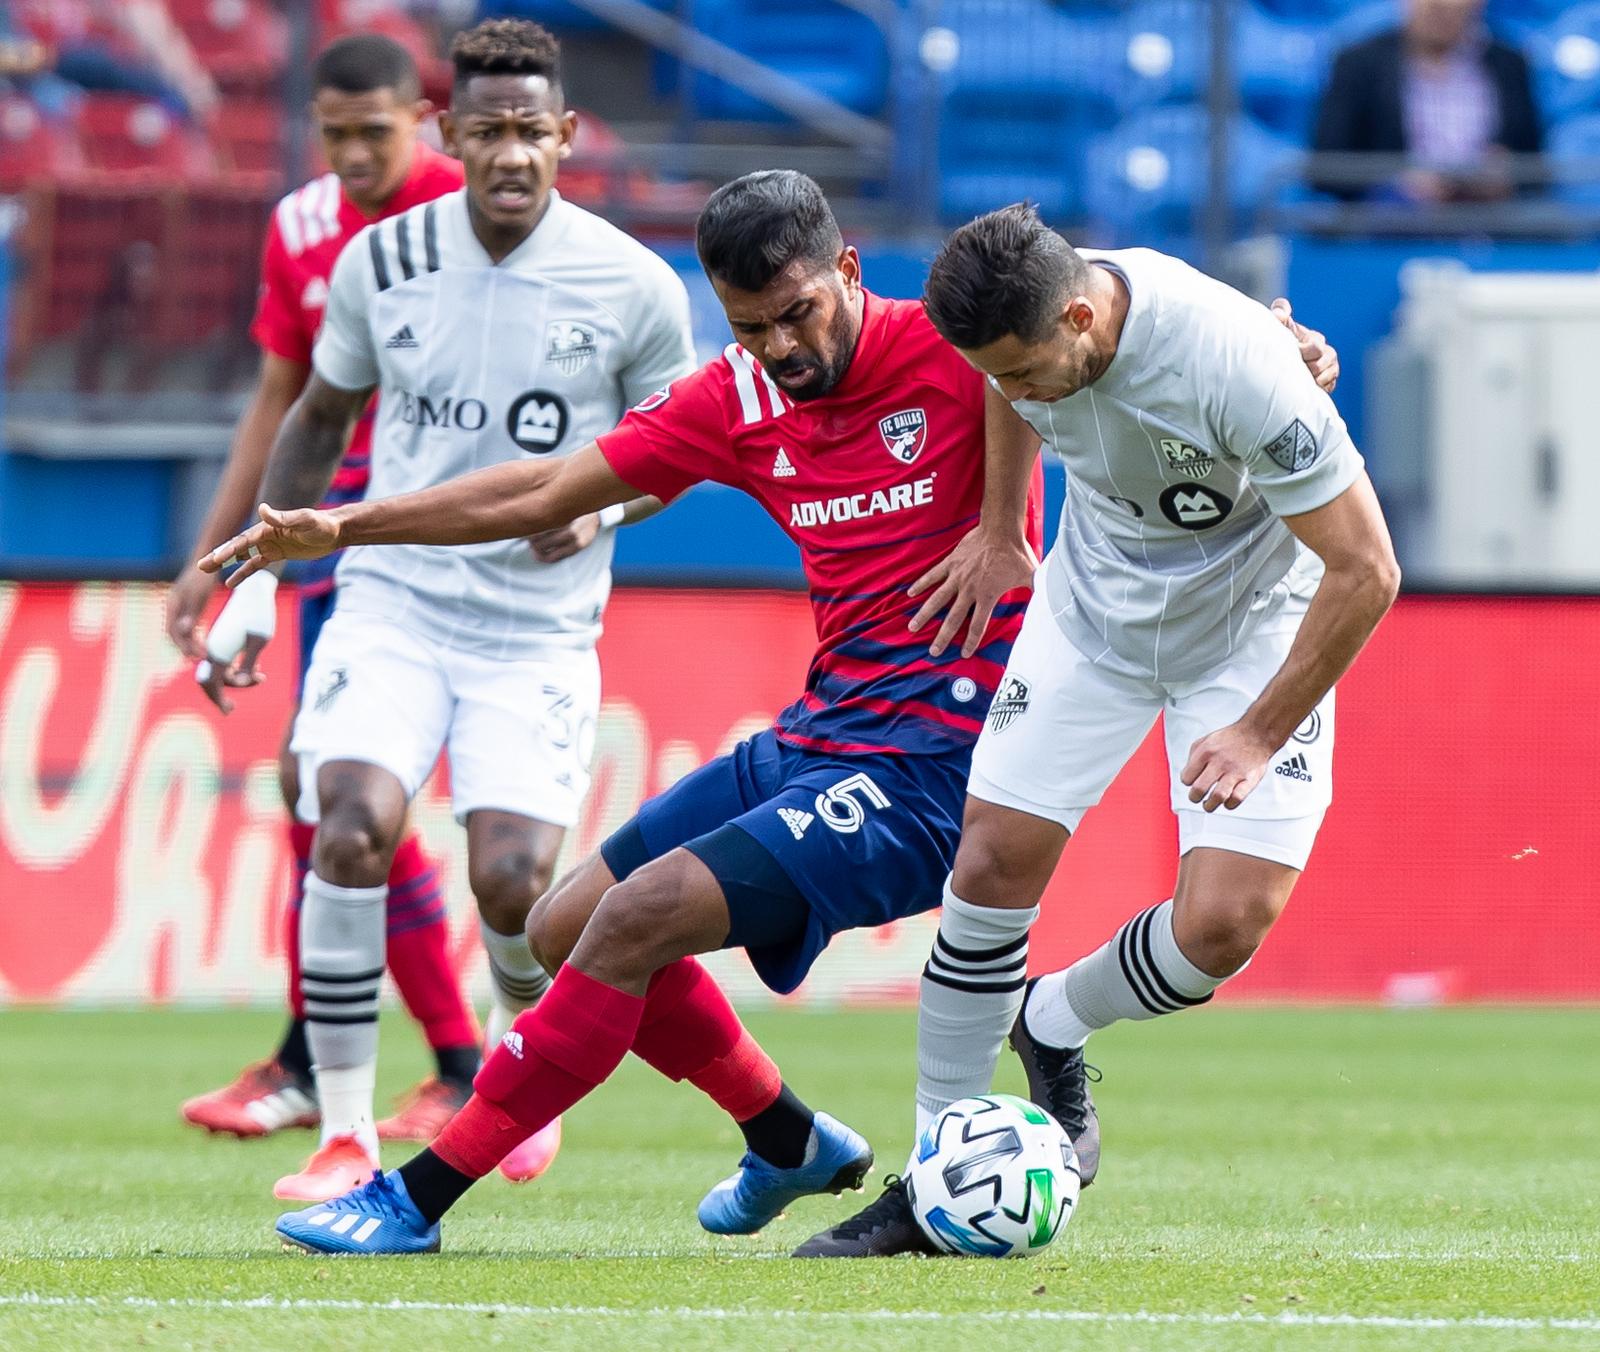 Santos: MARCH 07 MLS - Montreal at FC Dallas